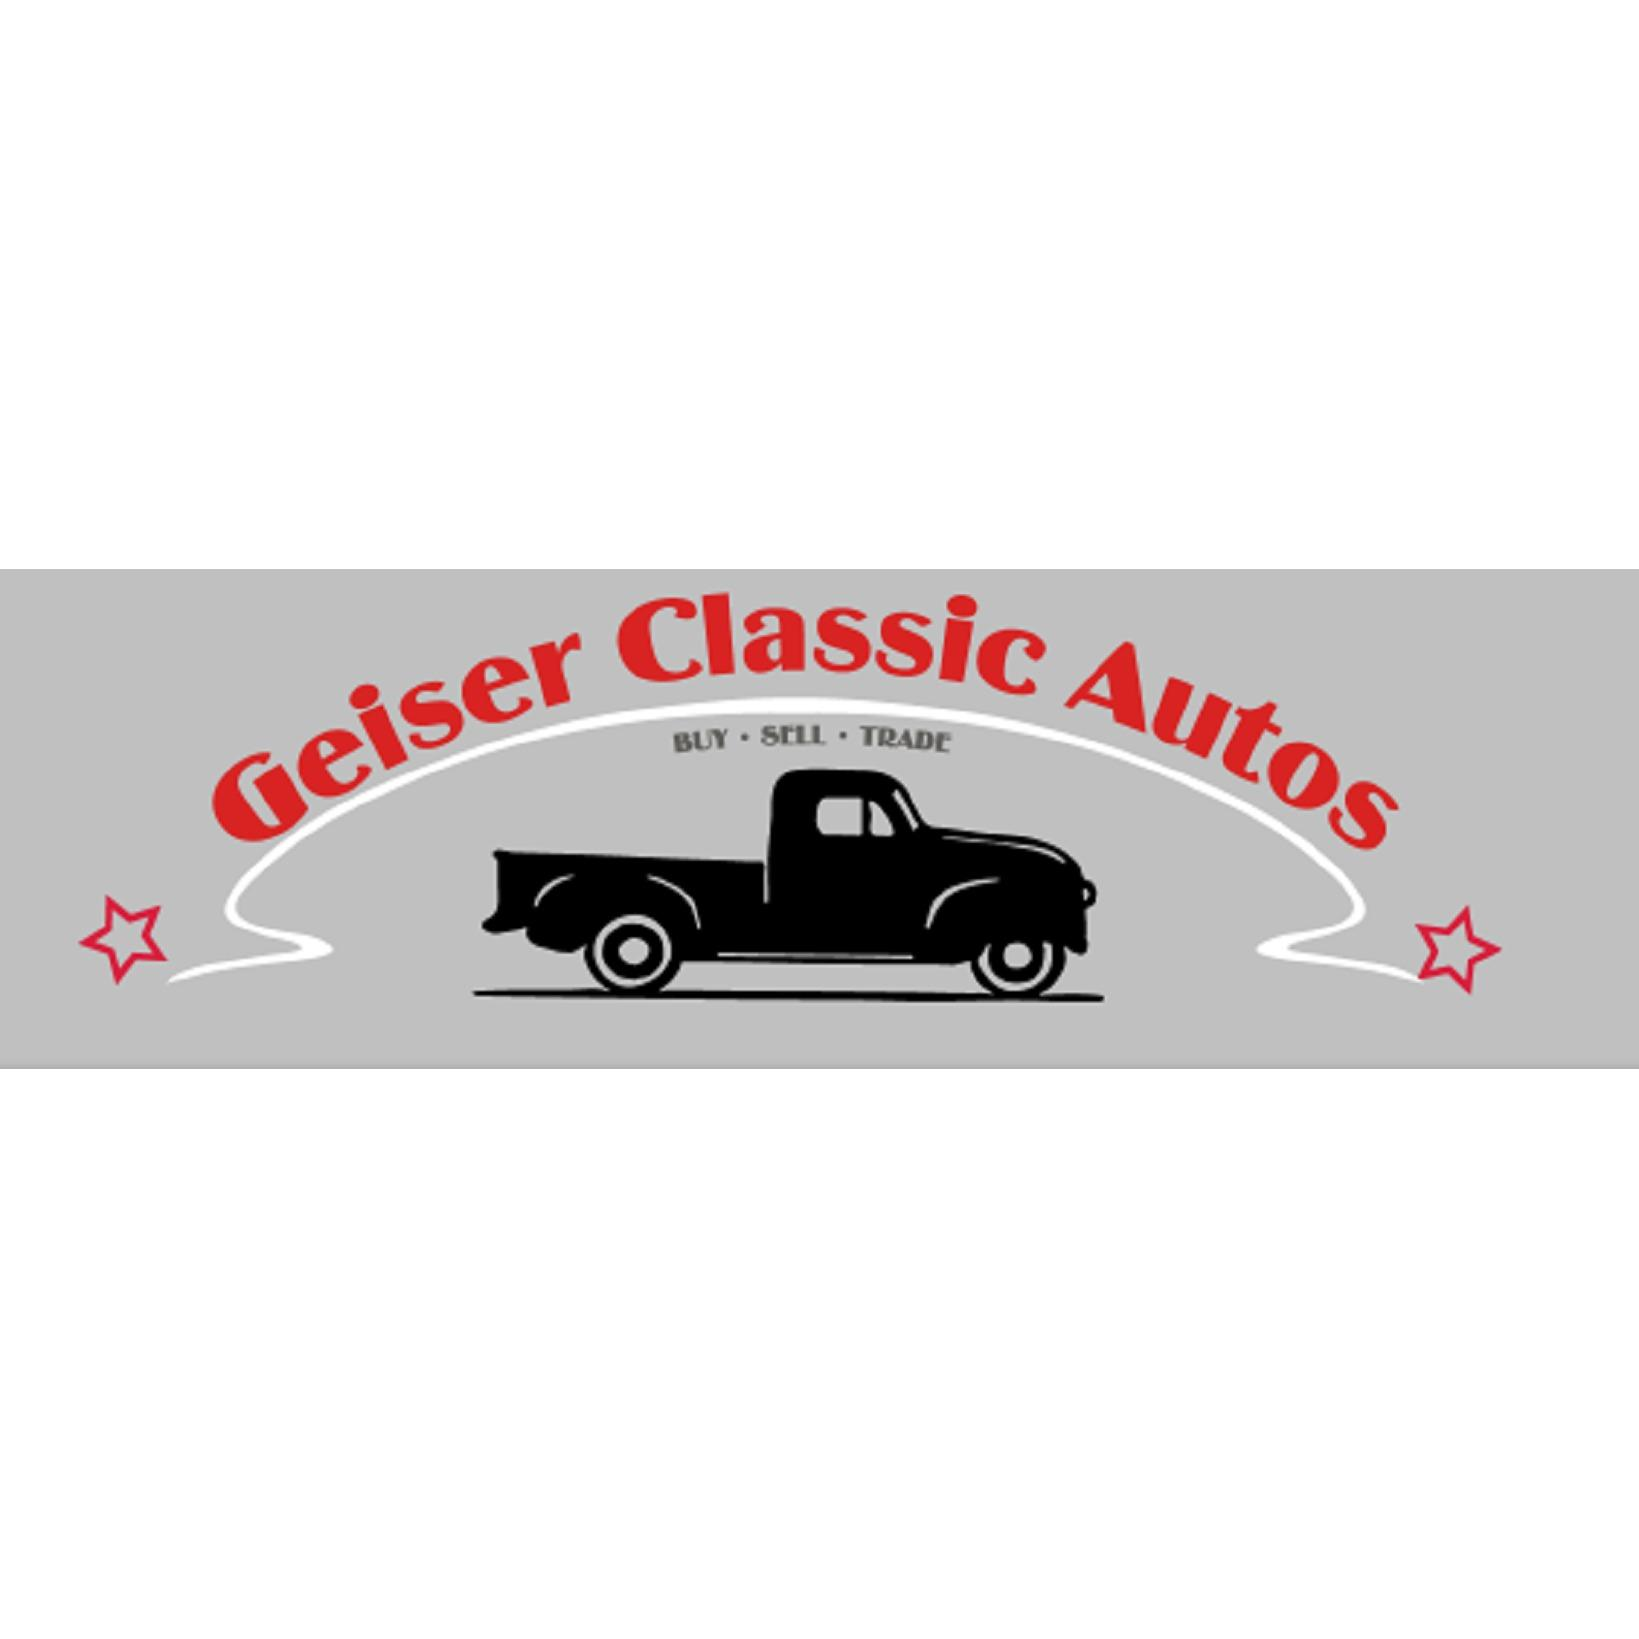 Geiser Classic Autos INC.